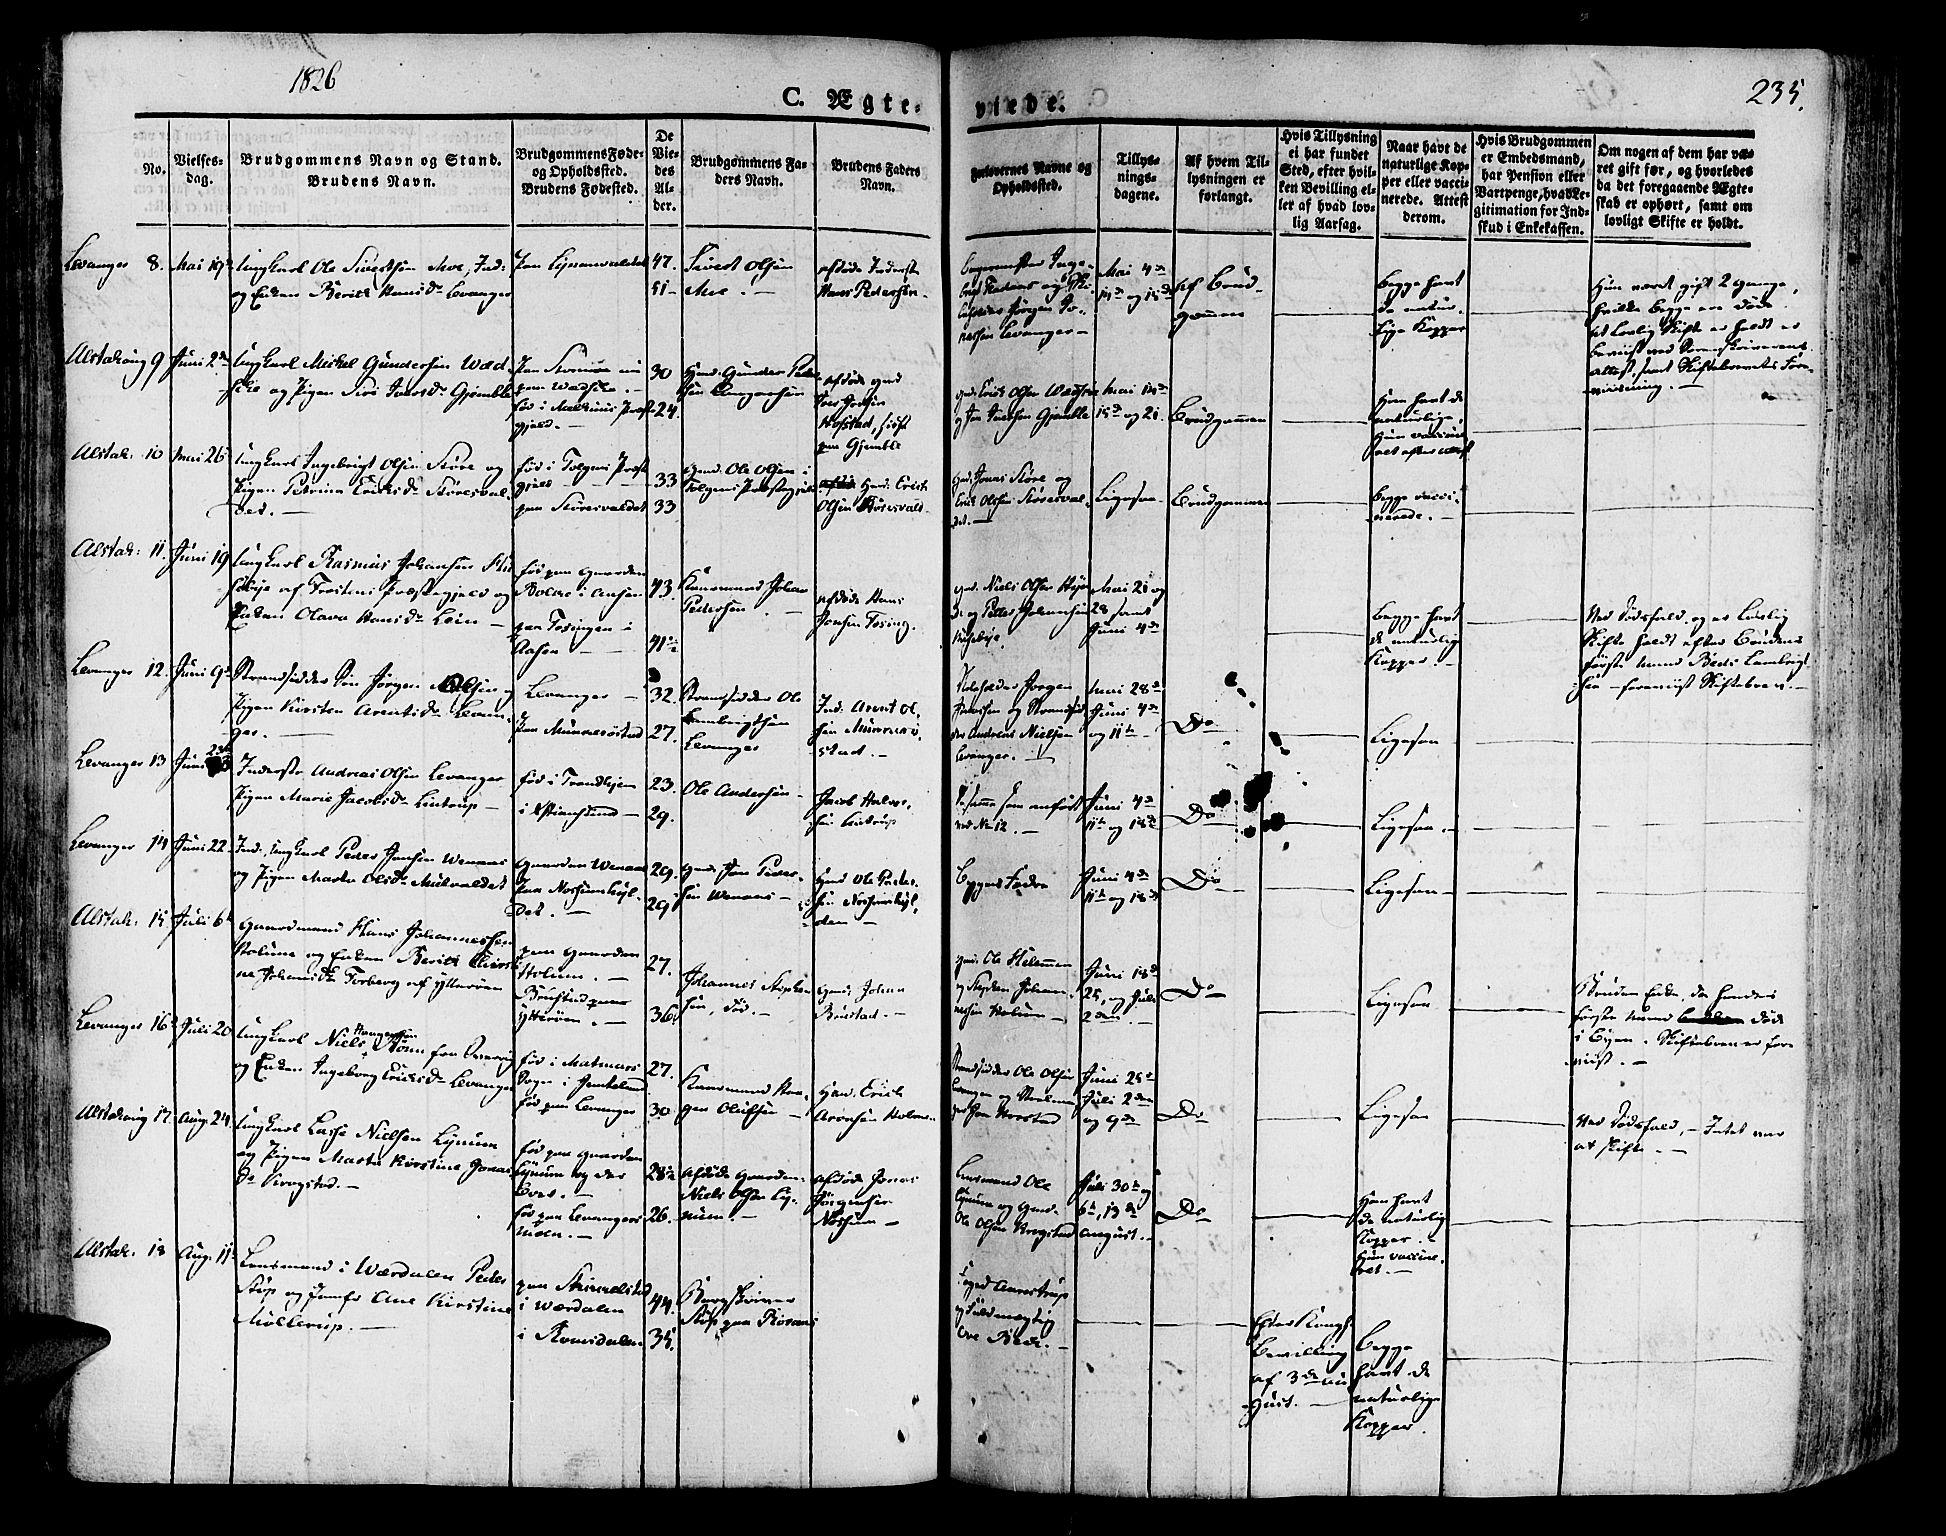 SAT, Ministerialprotokoller, klokkerbøker og fødselsregistre - Nord-Trøndelag, 717/L0152: Ministerialbok nr. 717A05 /1, 1825-1836, s. 235